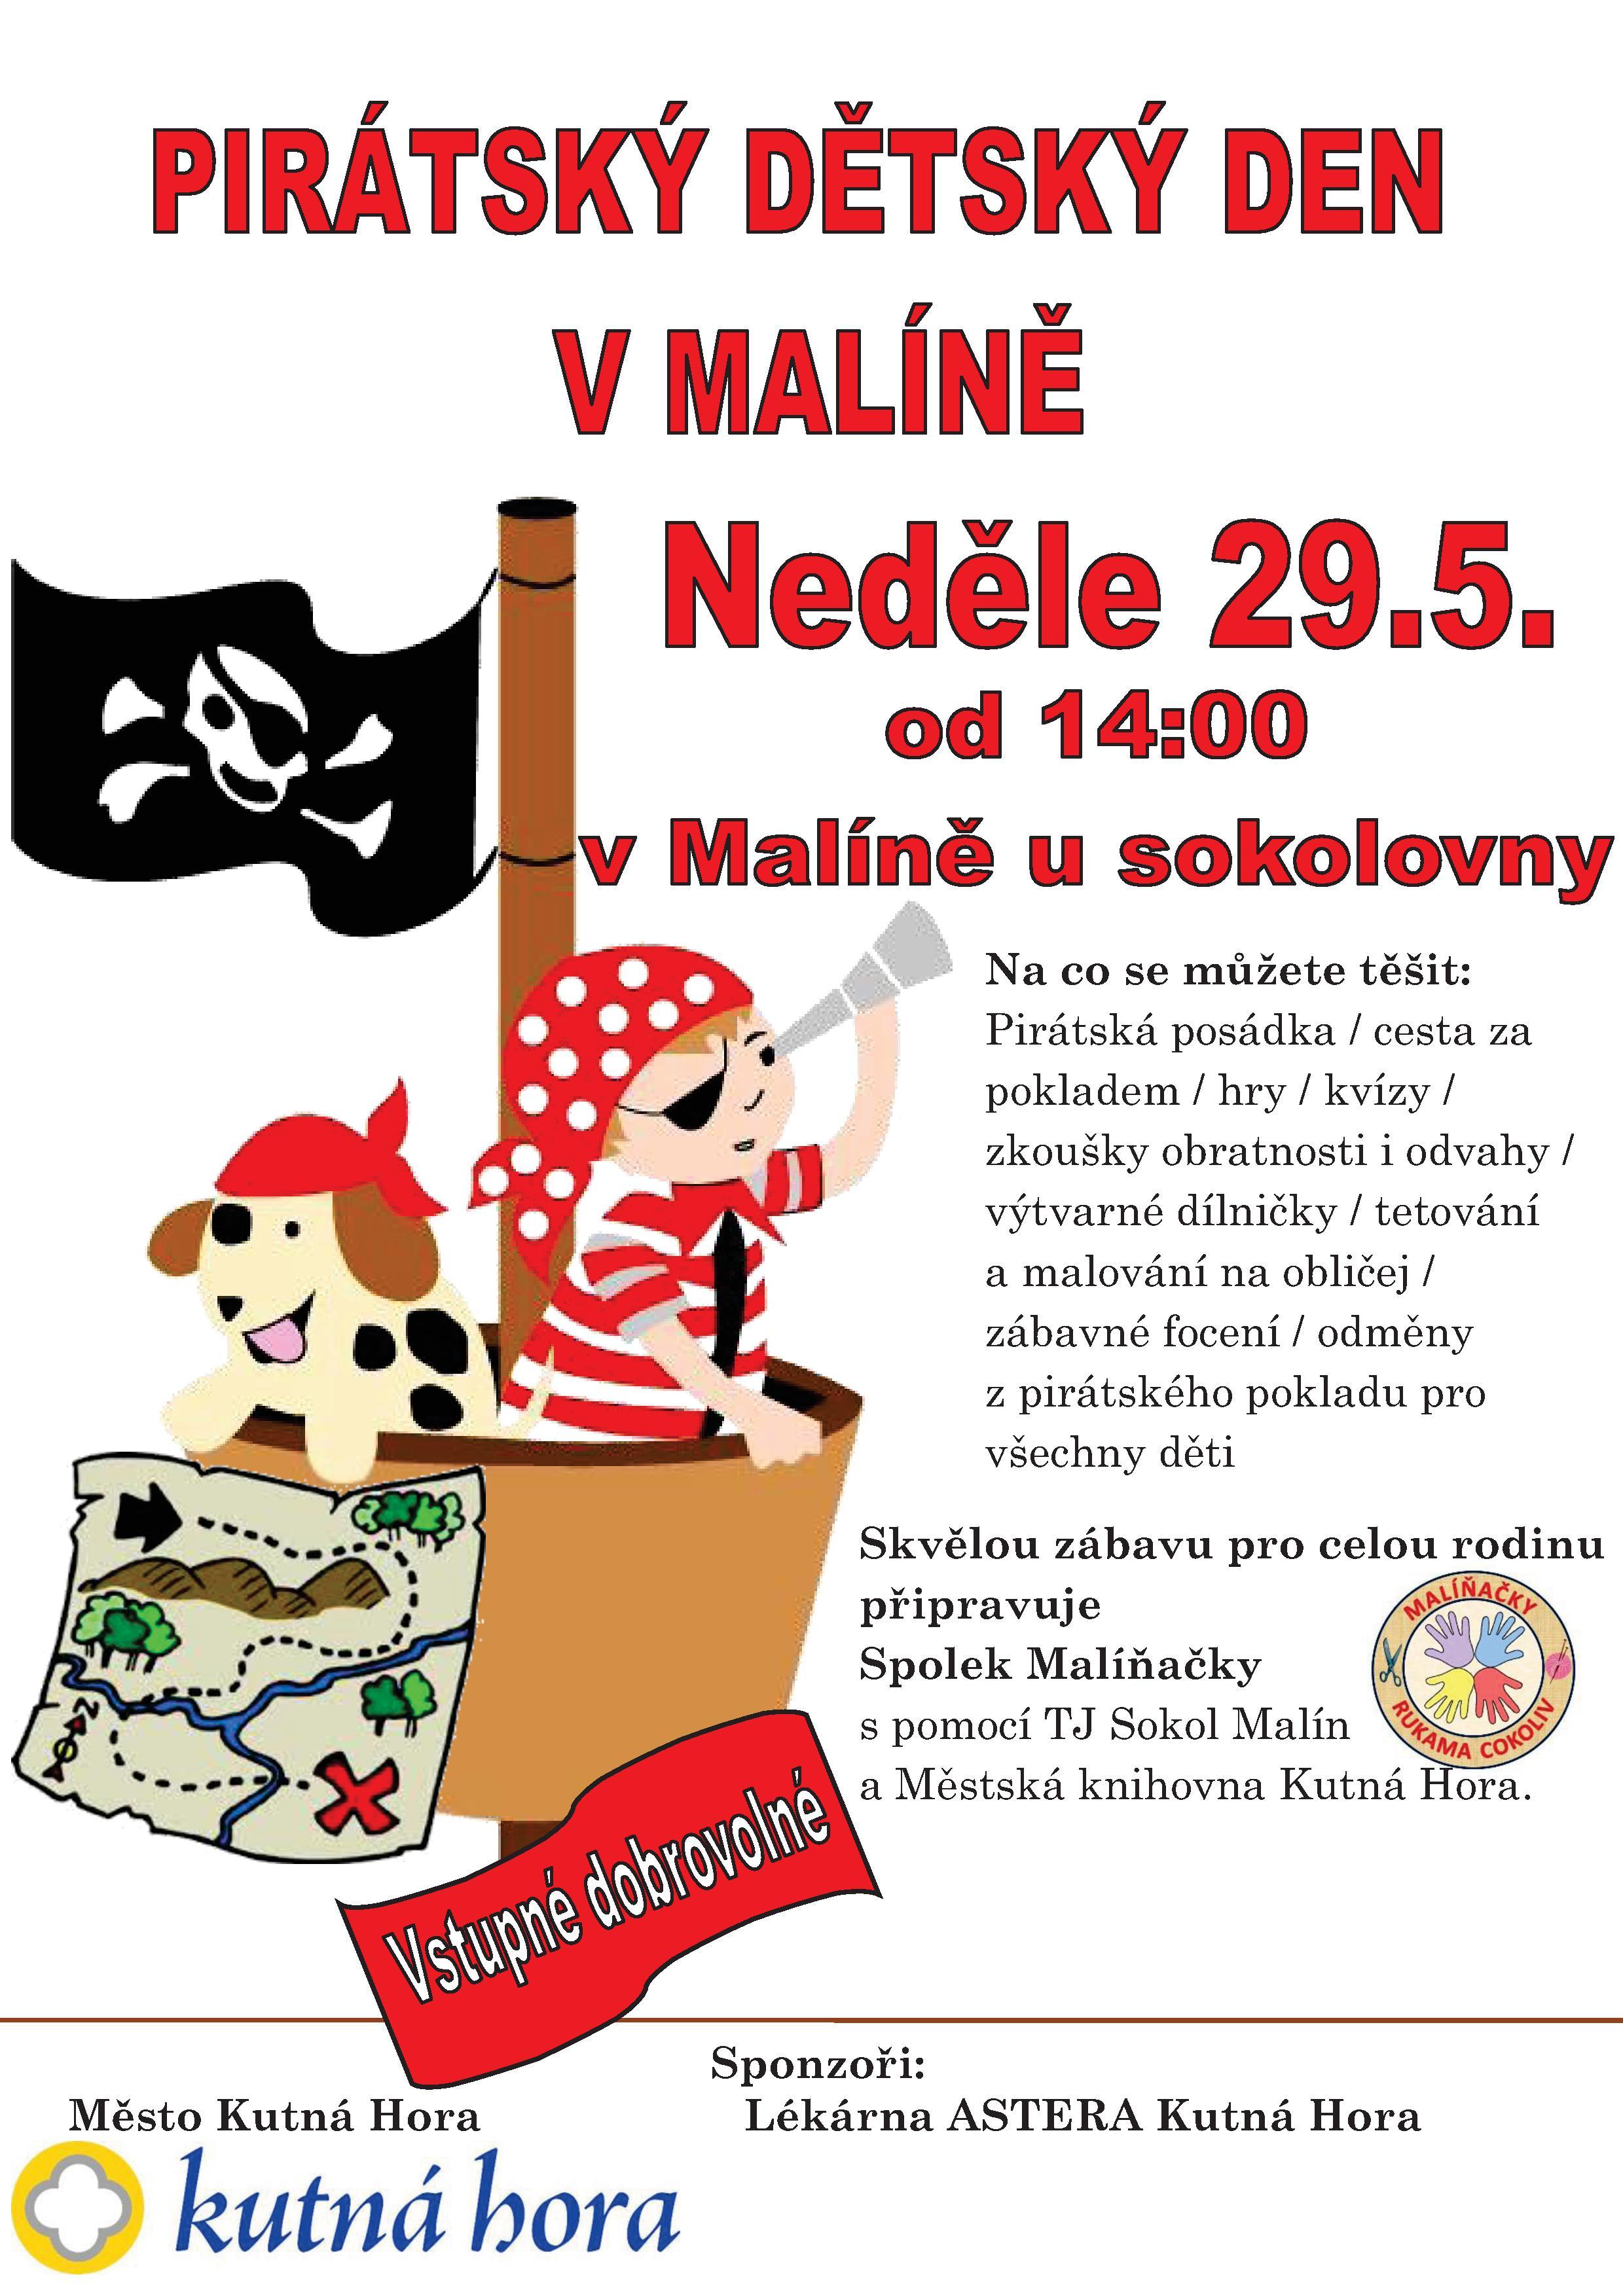 342-piratsky-detsky-den.jpg